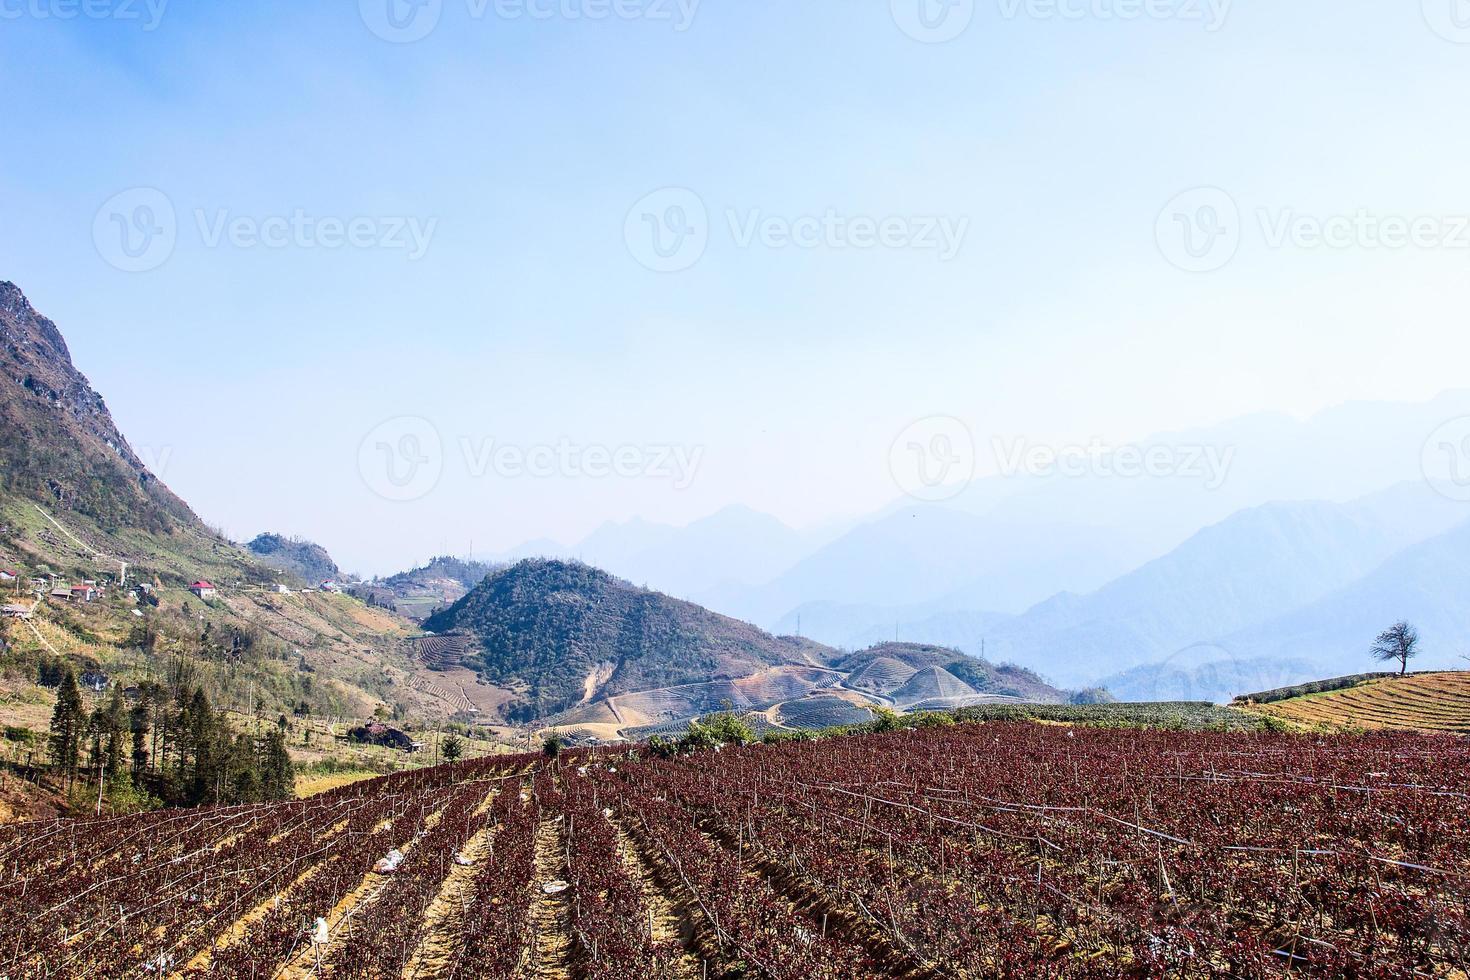 champs de fleurs, culture en terrasses, sapa, vietnam photo